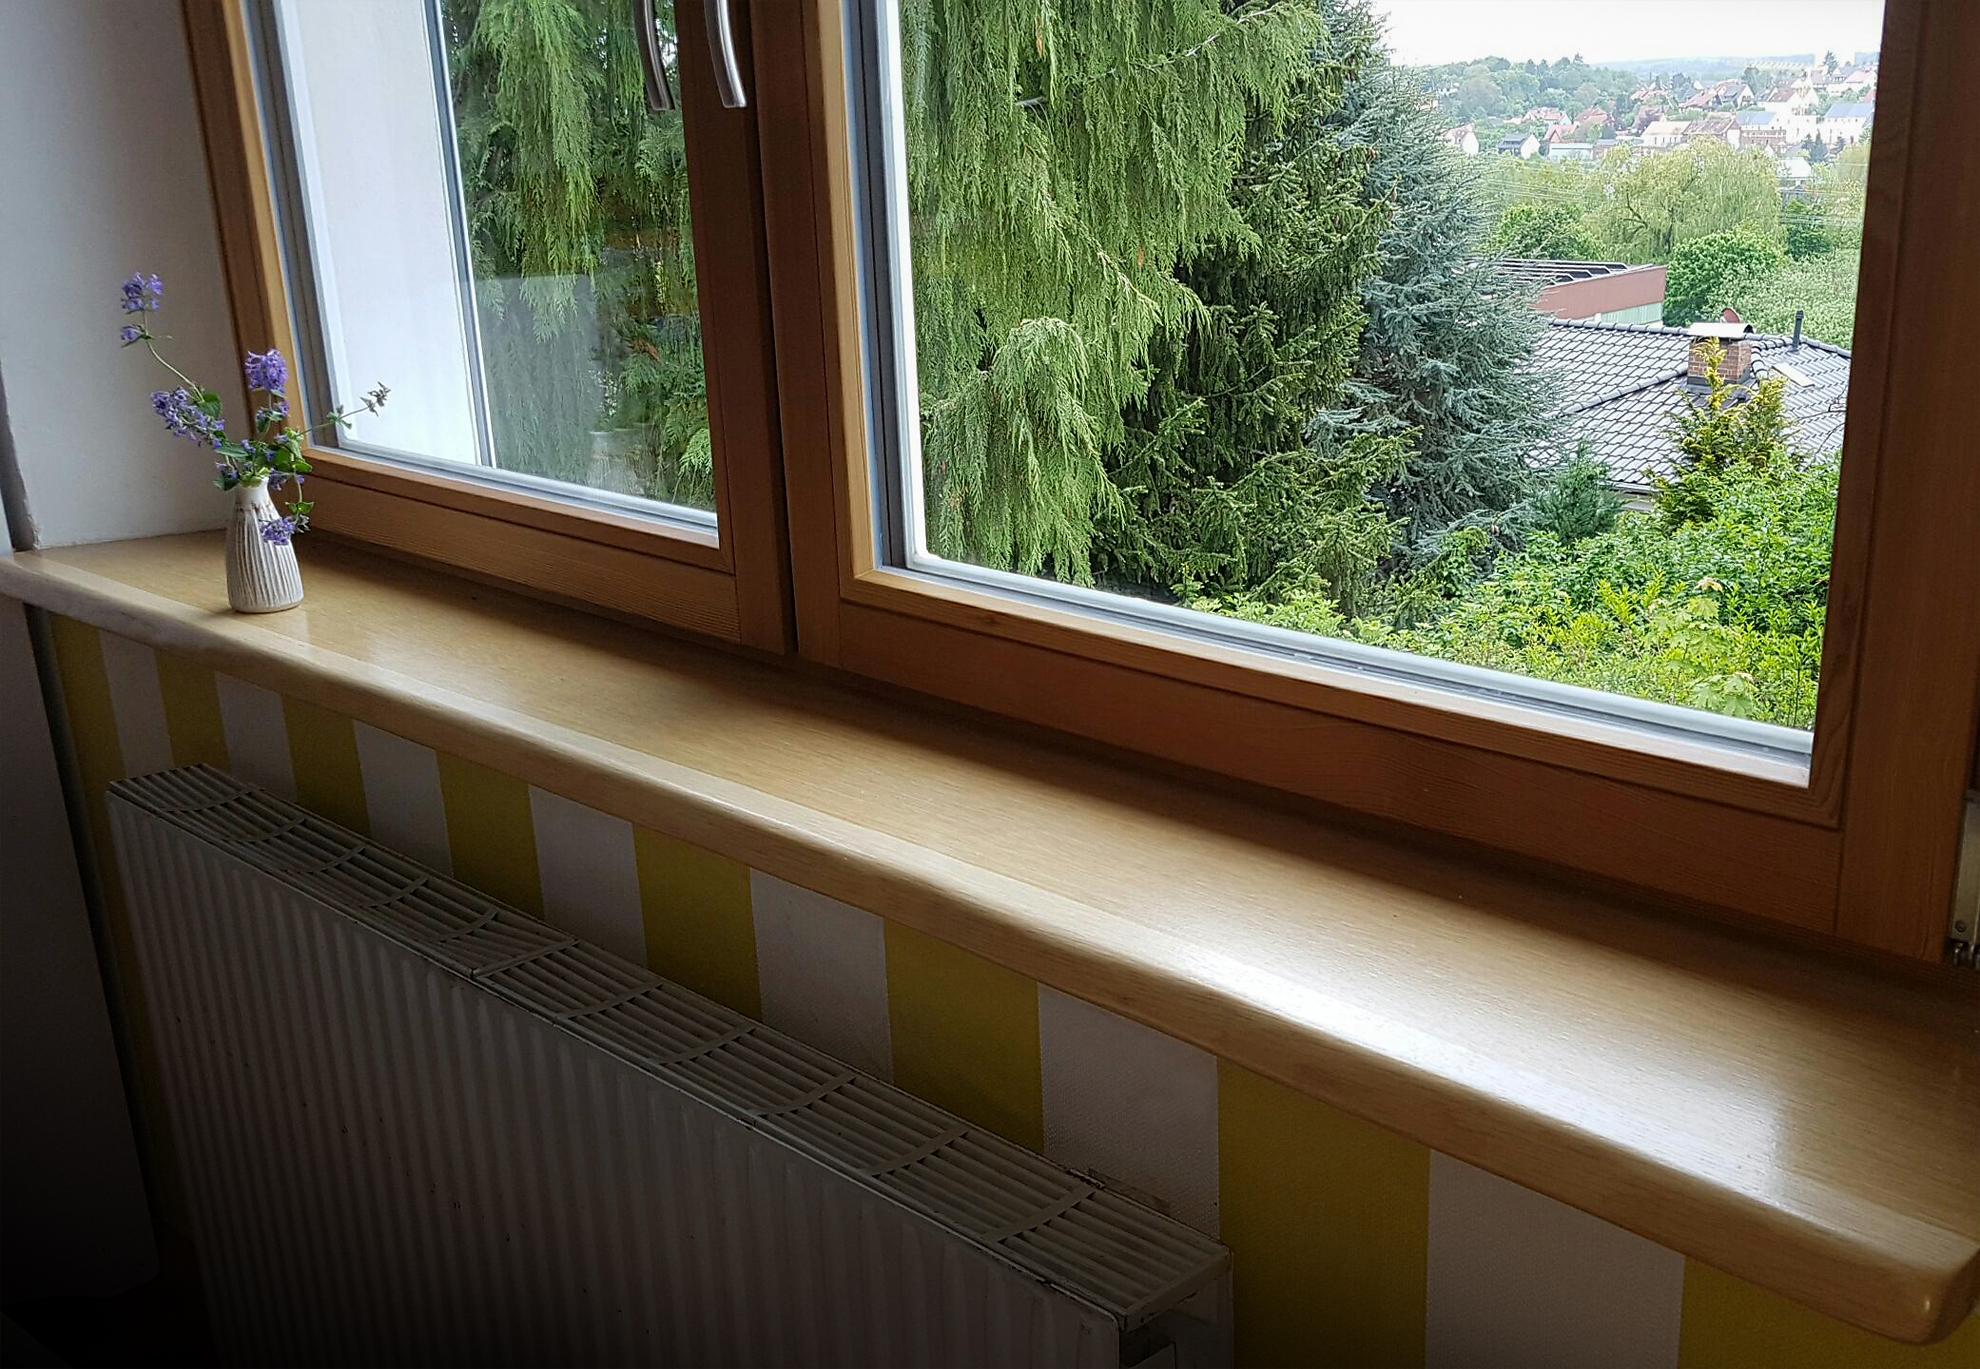 Eichen-Holzfensterbank mit Naturkante bzw. Baumkante oder Live-Edge, fertig eingebaut